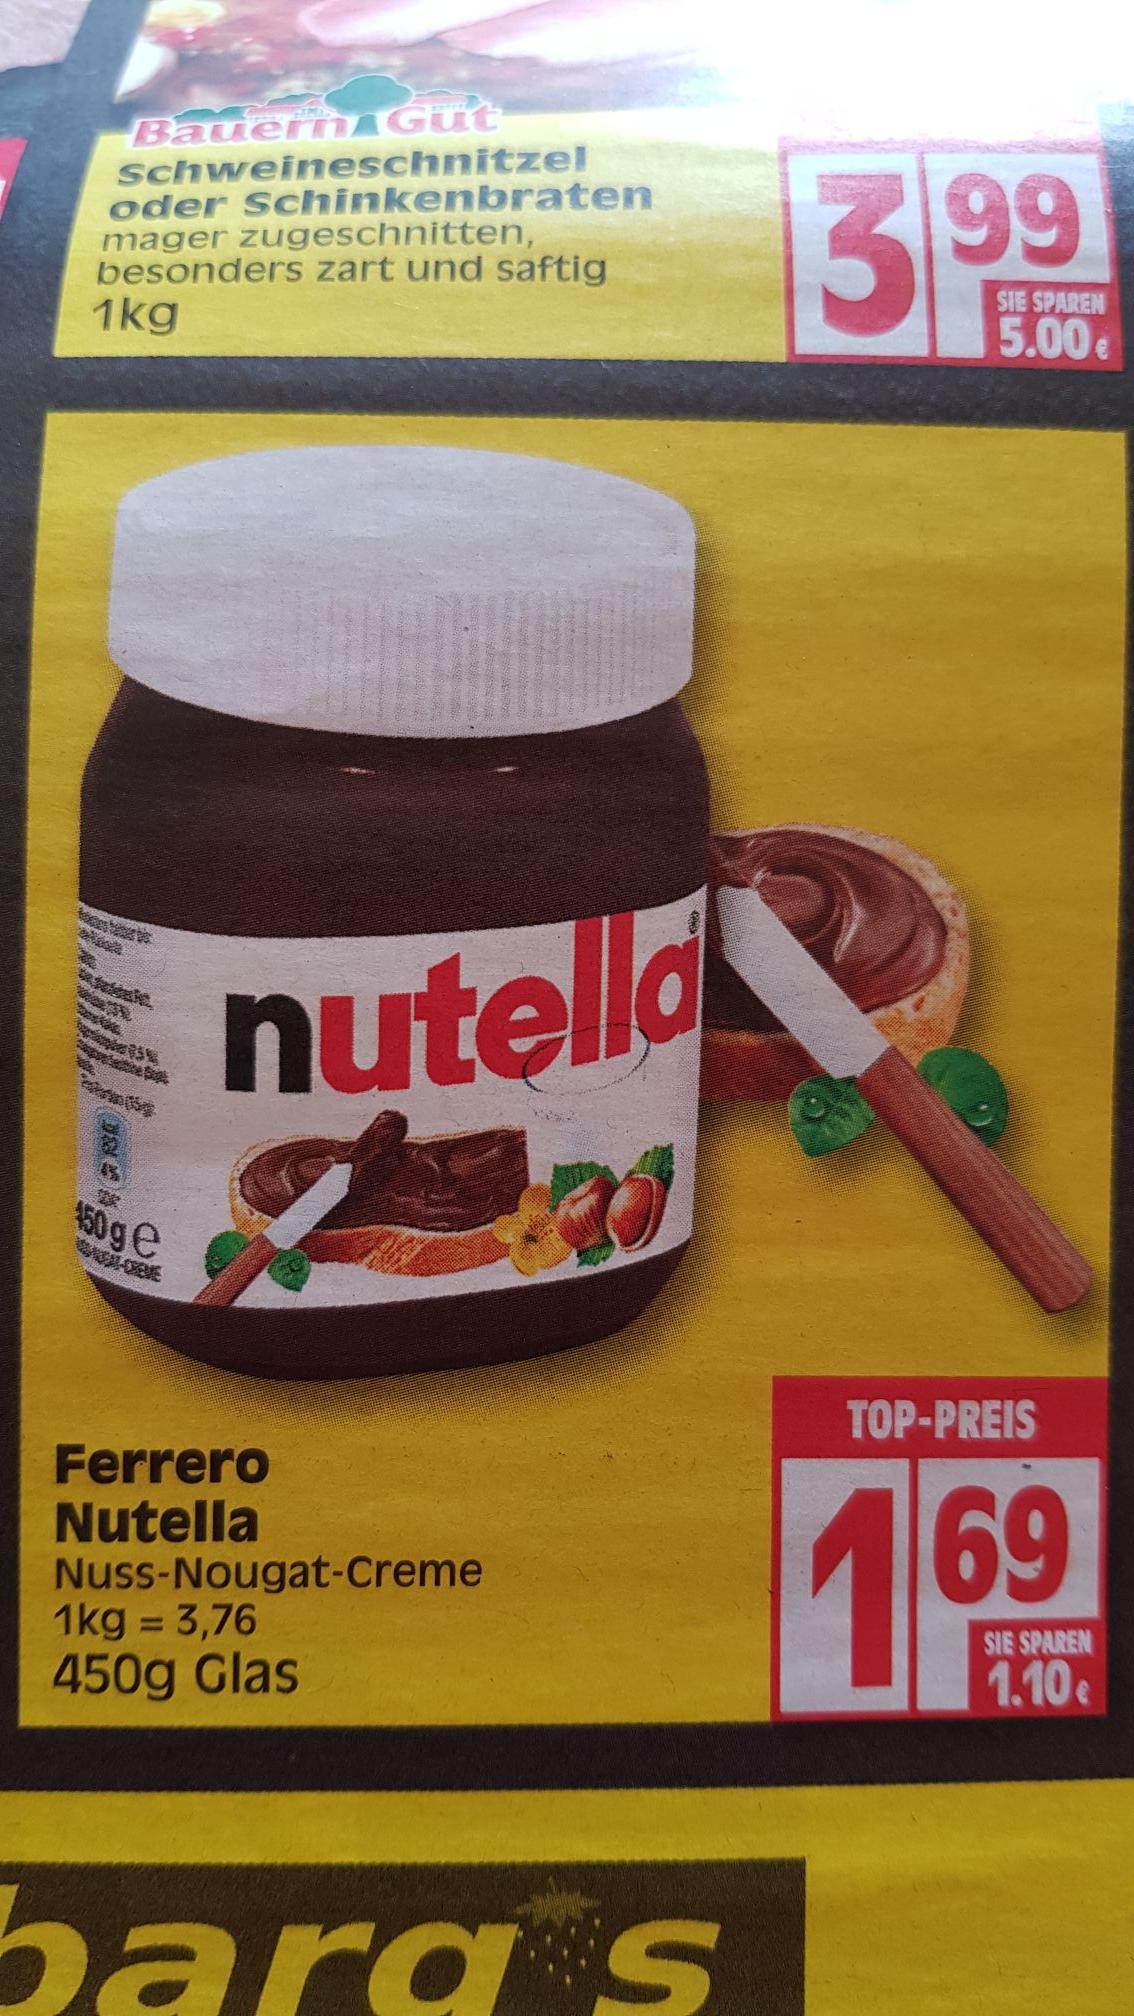 (Lokal Minden-Hannover) Nutella 450g Glas 1,69€ möglicherweise mit 10€ Bahn-Coupon